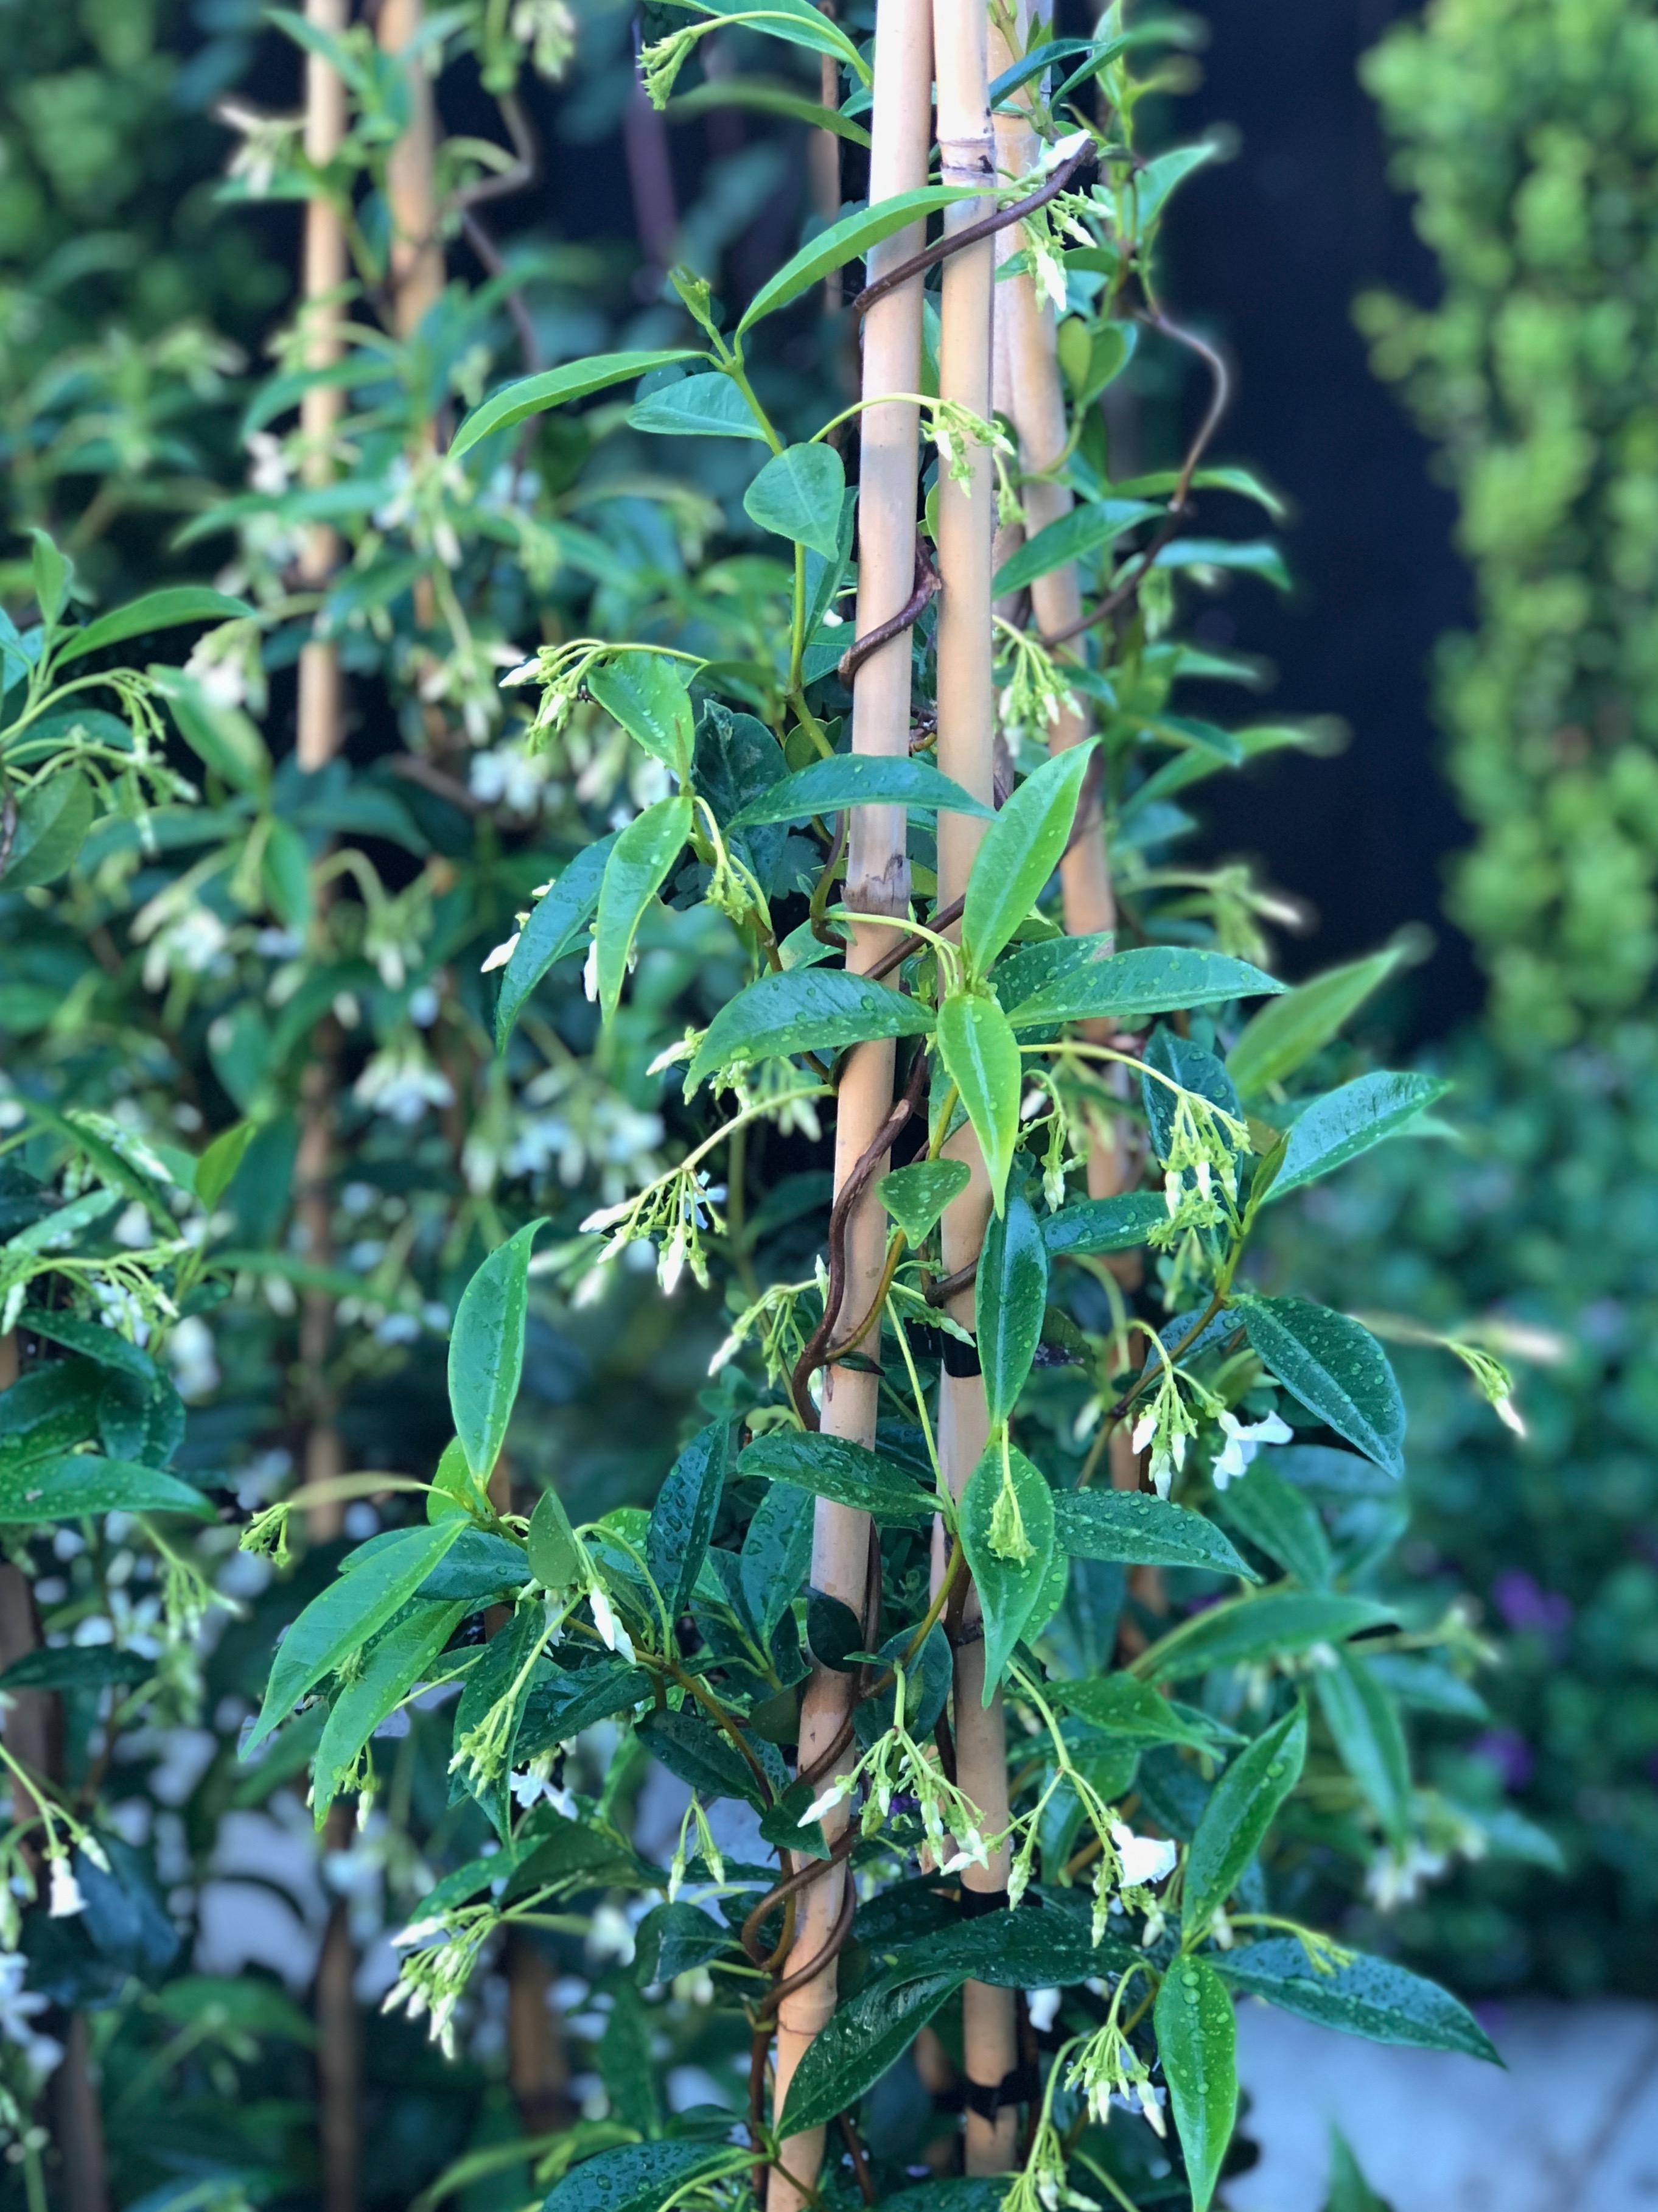 Chinese Star Jasmines